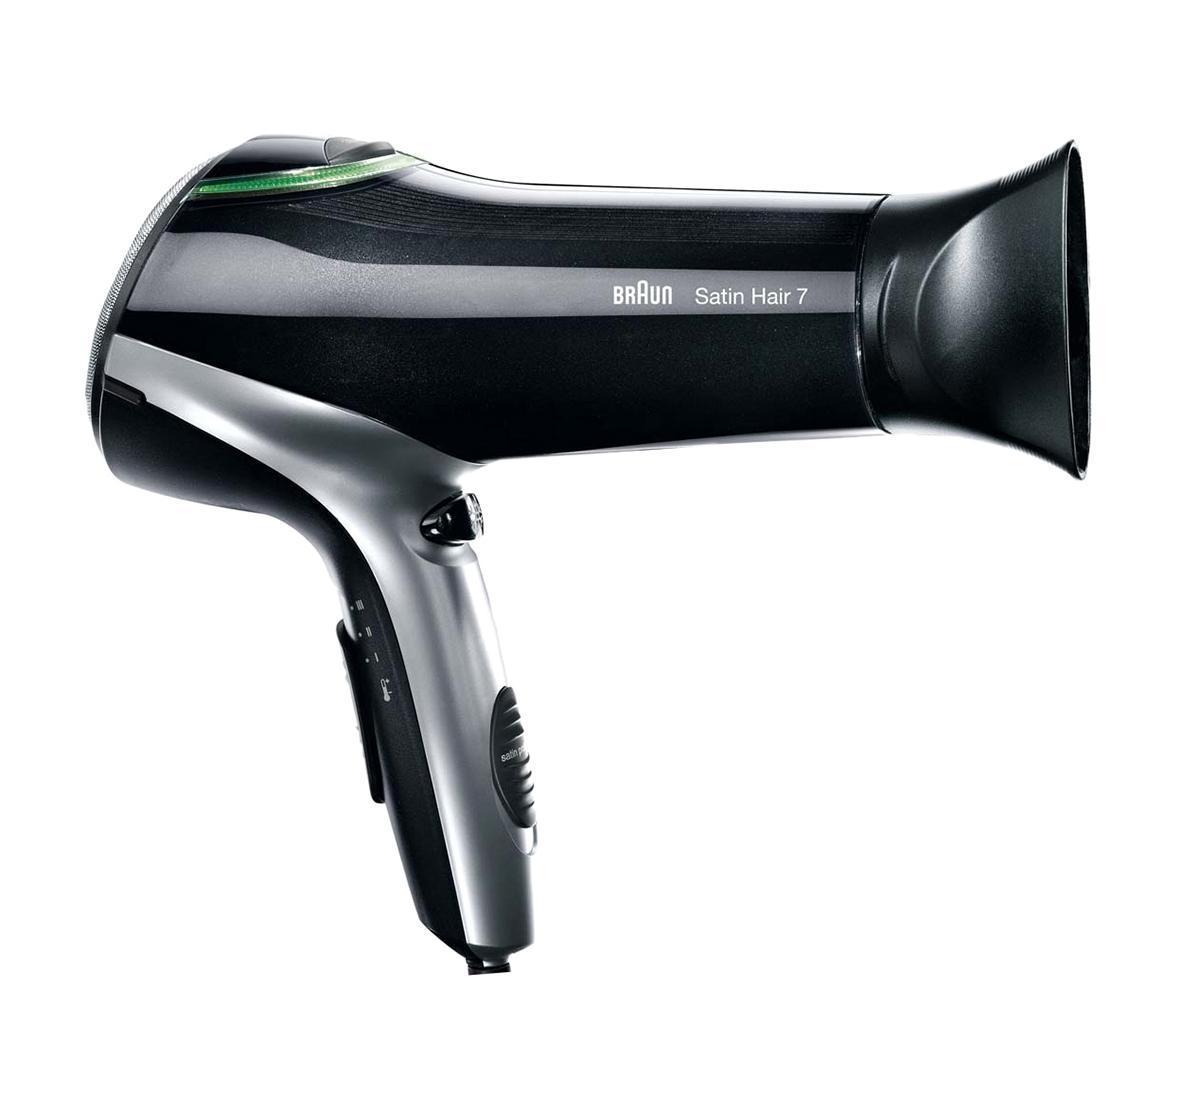 Braun HD730 фенHD730Фен Braun HD730 подойдет для любого типа волос, поскольку вы можете отрегулировать его работу в соответствии с вашими потребностями. Три режима температур переключаются специальным регулятором от слегка теплой температуры до горячей. Две скорости позволяют либо медленно подсушить волосы на первой скорости, либо быстро достичь результата - на второй. Используйте холодный воздух для фиксирования прически на завершающем этапе. Фен способен не только быстро высушить волосы, но и не повредить их при этом. Керамический модуль позволяет максимально оптимально распределять тепло, чтобы горячий воздух не пересушивал кожу голову и волосы. Фен имеет высокую мощность 2200 Вт. Фен Braun HD730 оснащен функцией Iontec, которая защищает ваши волосы от пересушивания. Когда вы пользуетесь феном, специальное устройство насыщает ваши волосы ионами satin ions , они притягивают частицы влаги из окружающего воздушного пространства и снимают статическое электричество. Вы можете купить фен и убедиться, что...